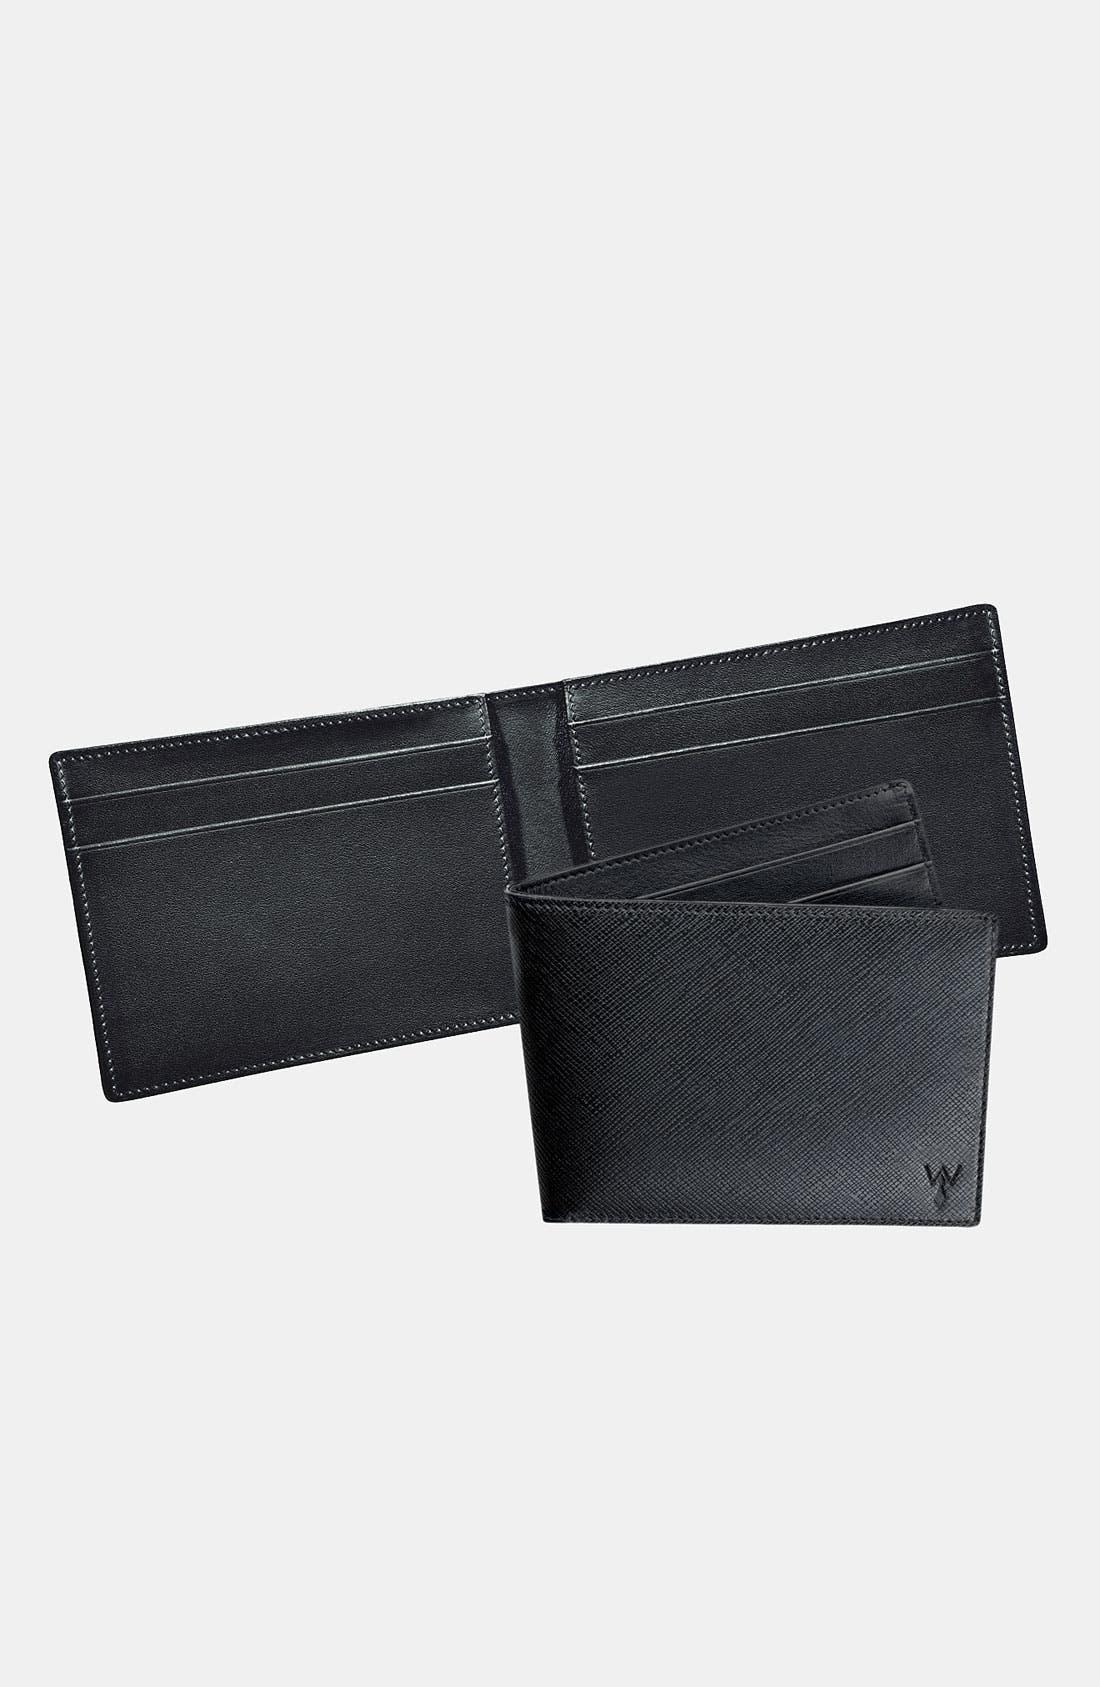 RFID Blocker Wallet,                             Main thumbnail 1, color,                             001